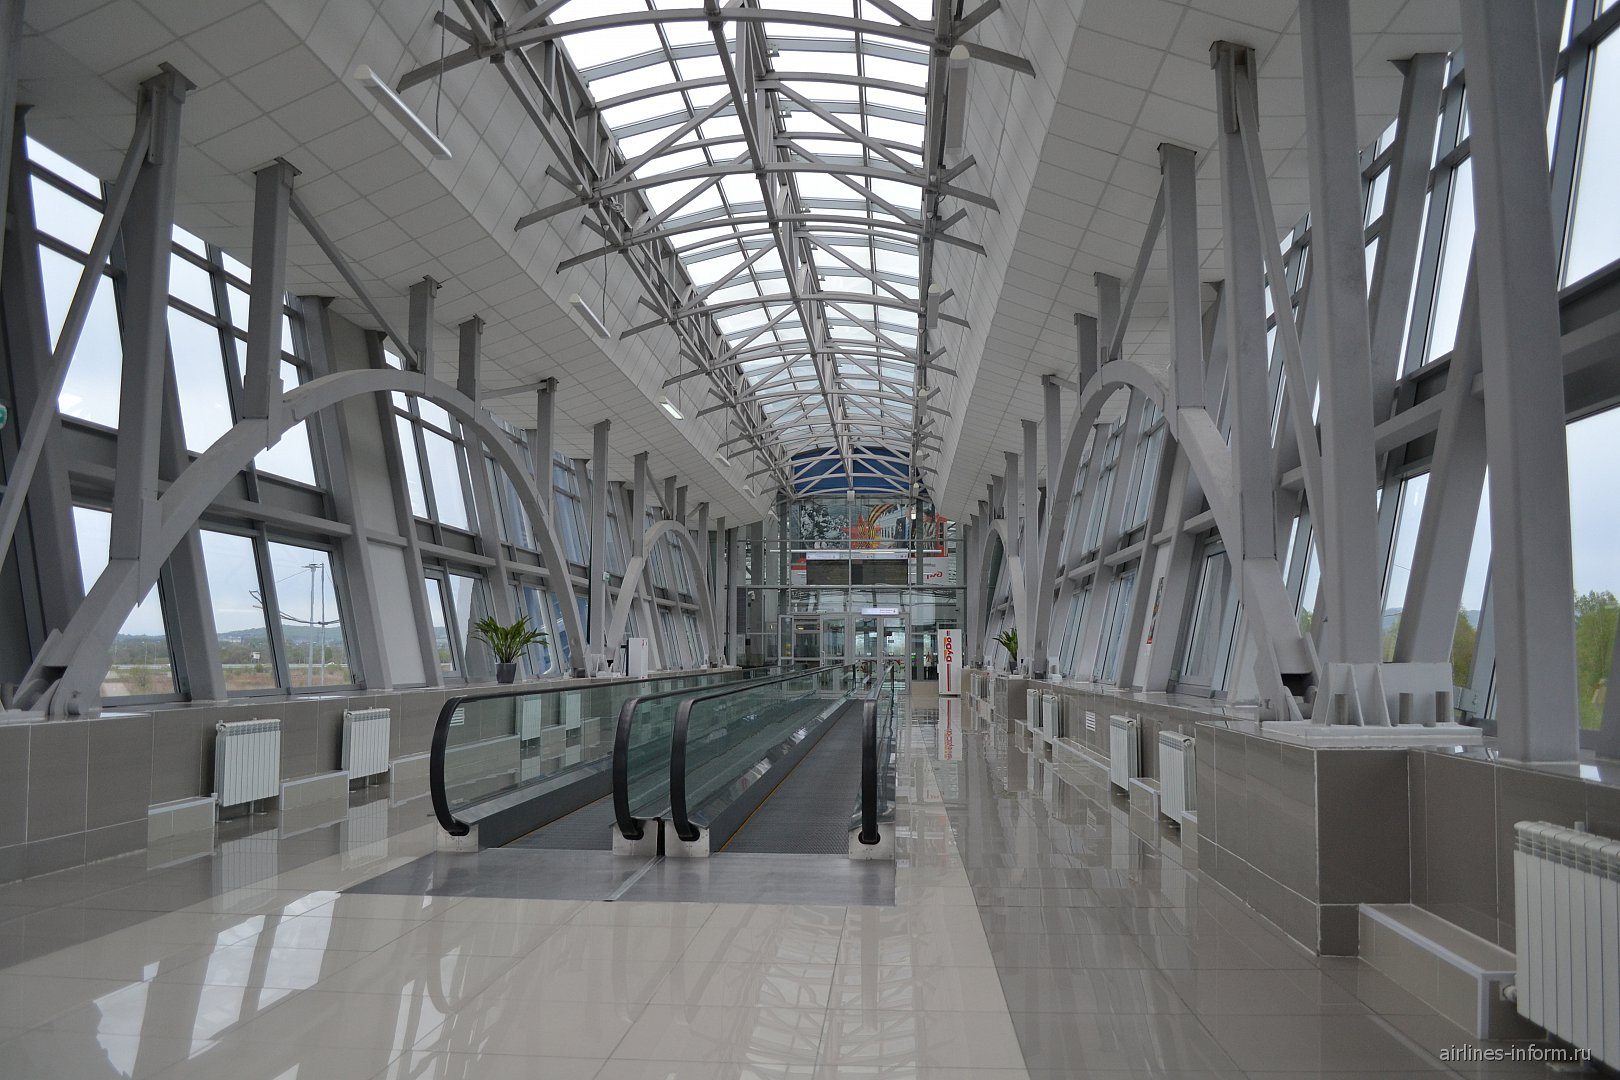 Переход из станции Аэроэкспресса в аэропорт Владивостока